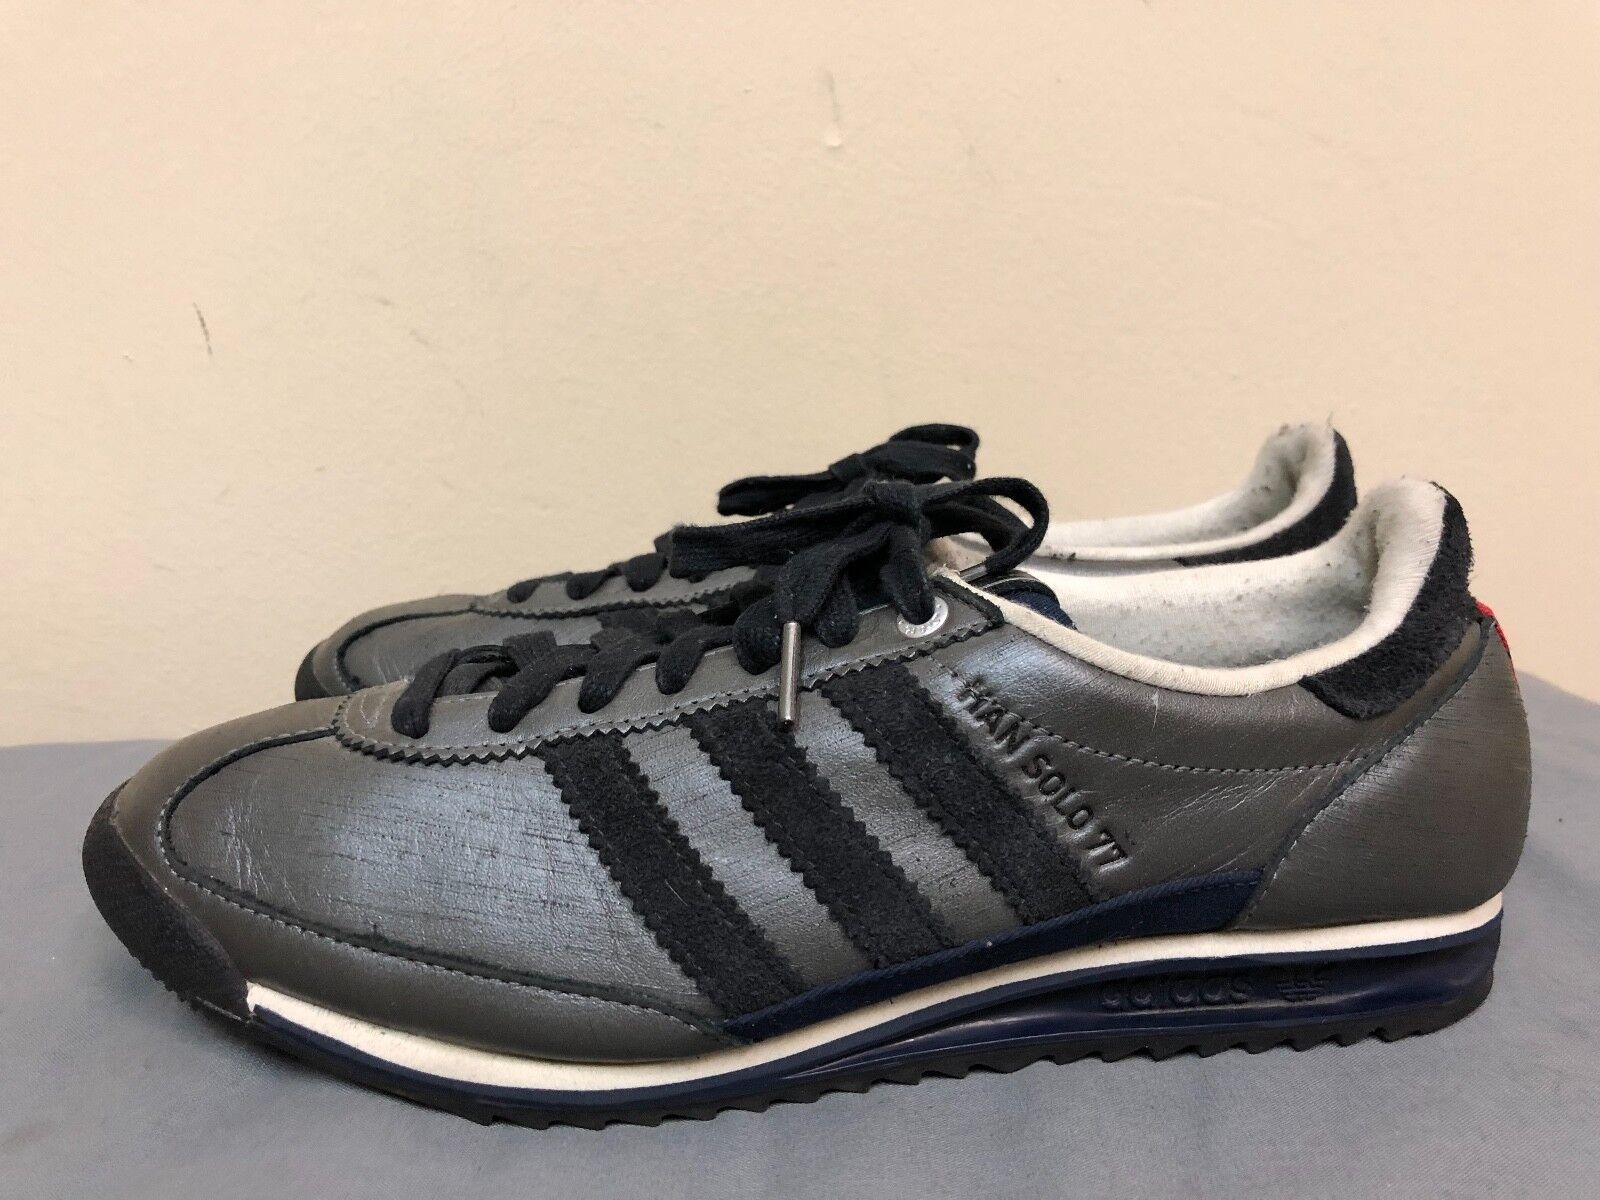 Star wars - adidas uomini han solo 77 dimensioni uomini scarpe da tennis dimensioni 77 noi 9 - grigio / nero / marina 4bb86e